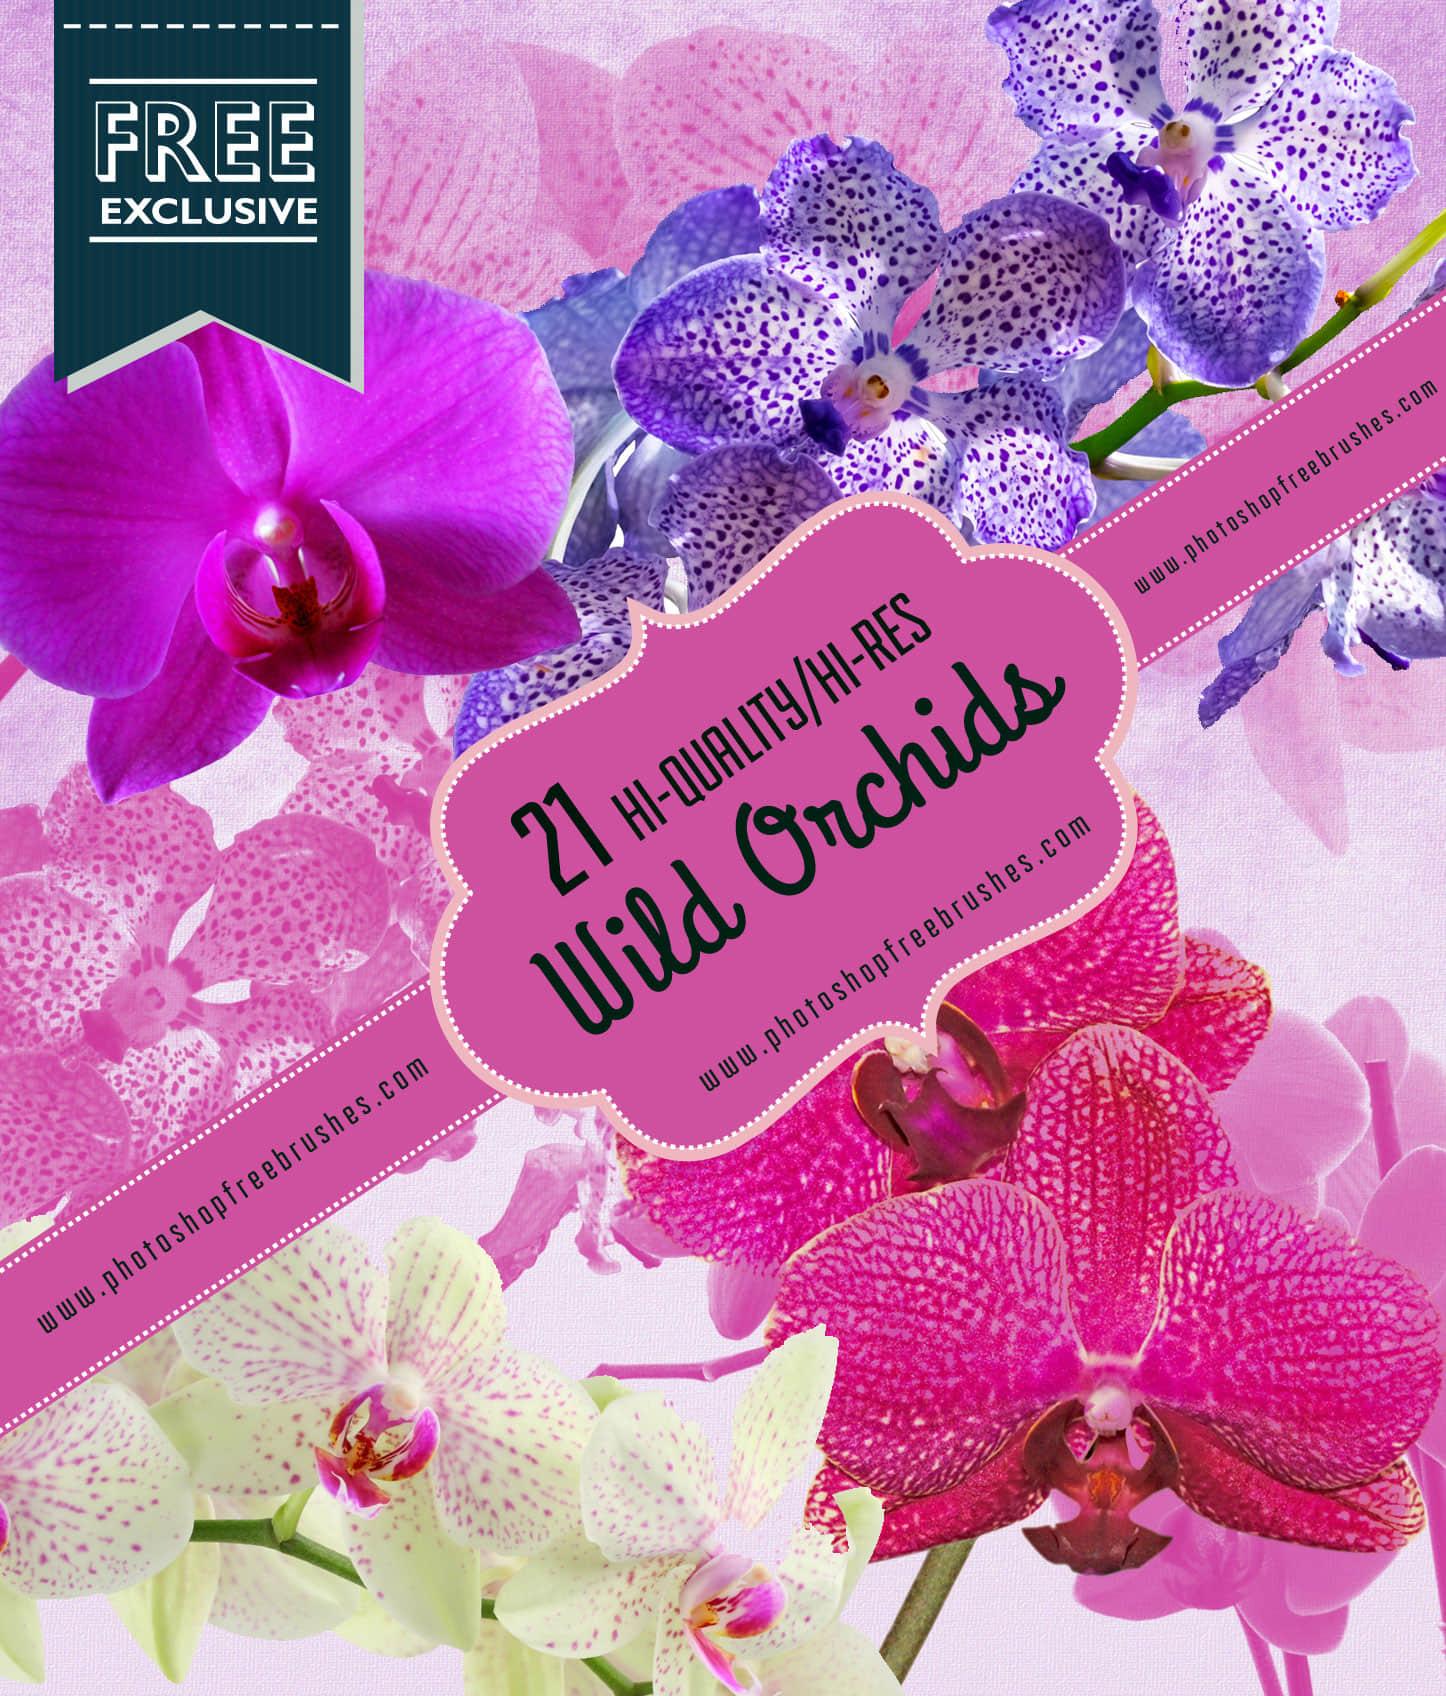 21种漂亮的兰花真实花朵Photoshop鲜花笔刷 鲜花笔刷 兰花笔刷  plants brushes